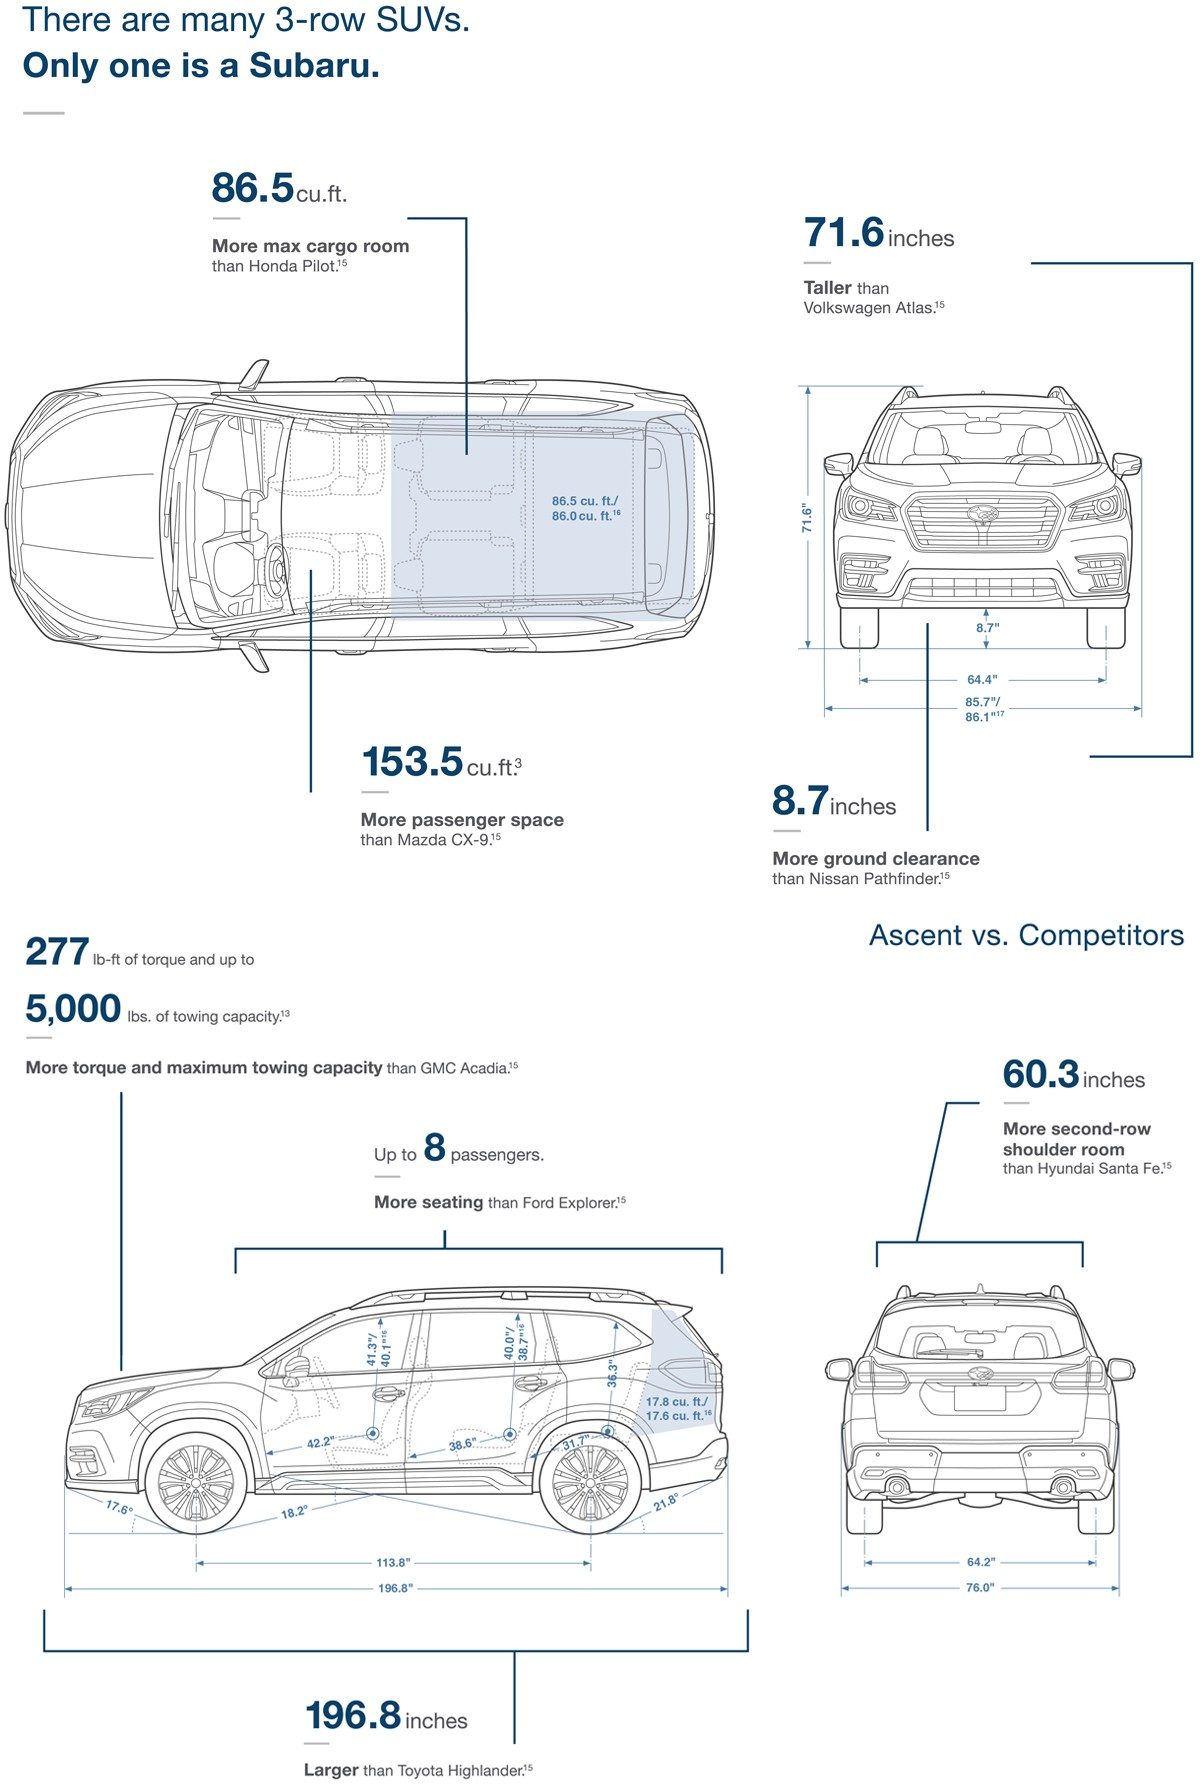 2006 Subaru B9 Tribeca Engine Diagram Subaru and Used Car Dealer In Salt Lake City Of 2006 Subaru B9 Tribeca Engine Diagram